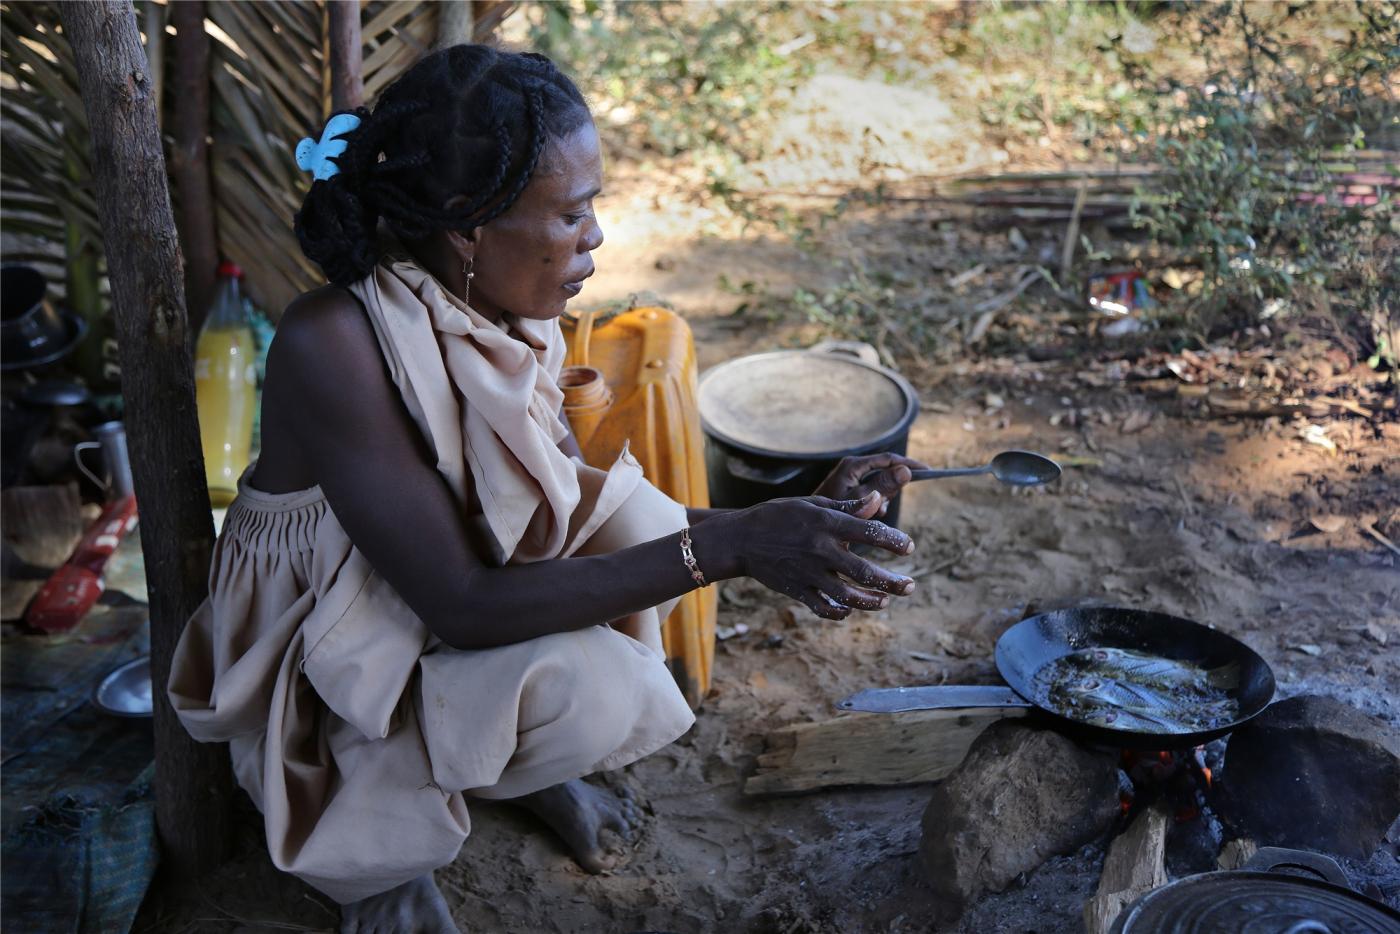 【原创实拍】黑色脸谱  ——行摄南部非洲(人像篇)_图1-28